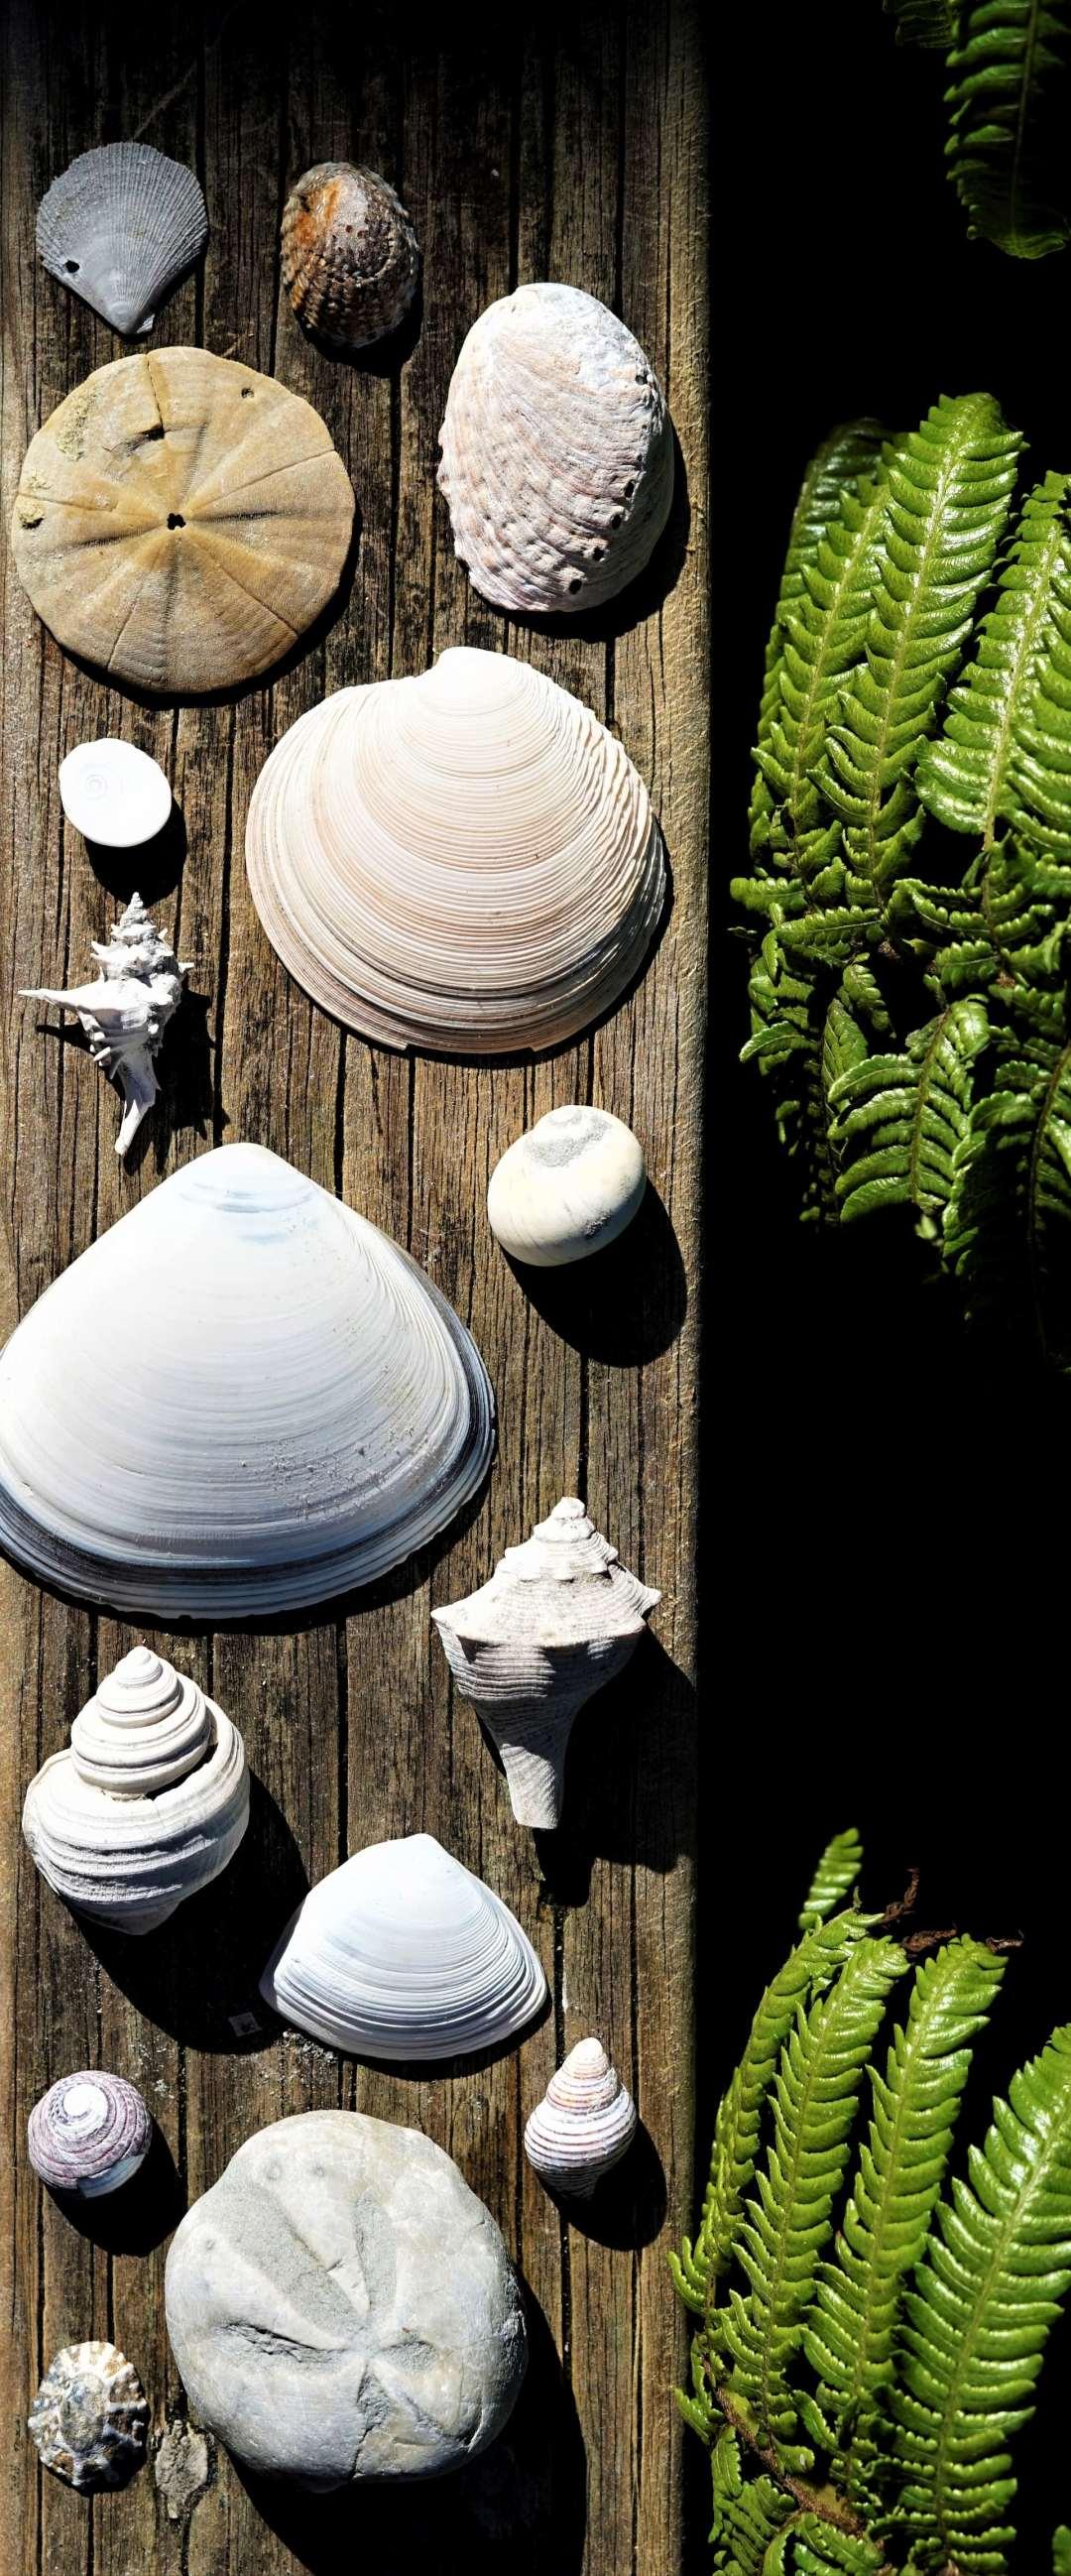 Diffedrent types of marine organisms found in New Zealand.